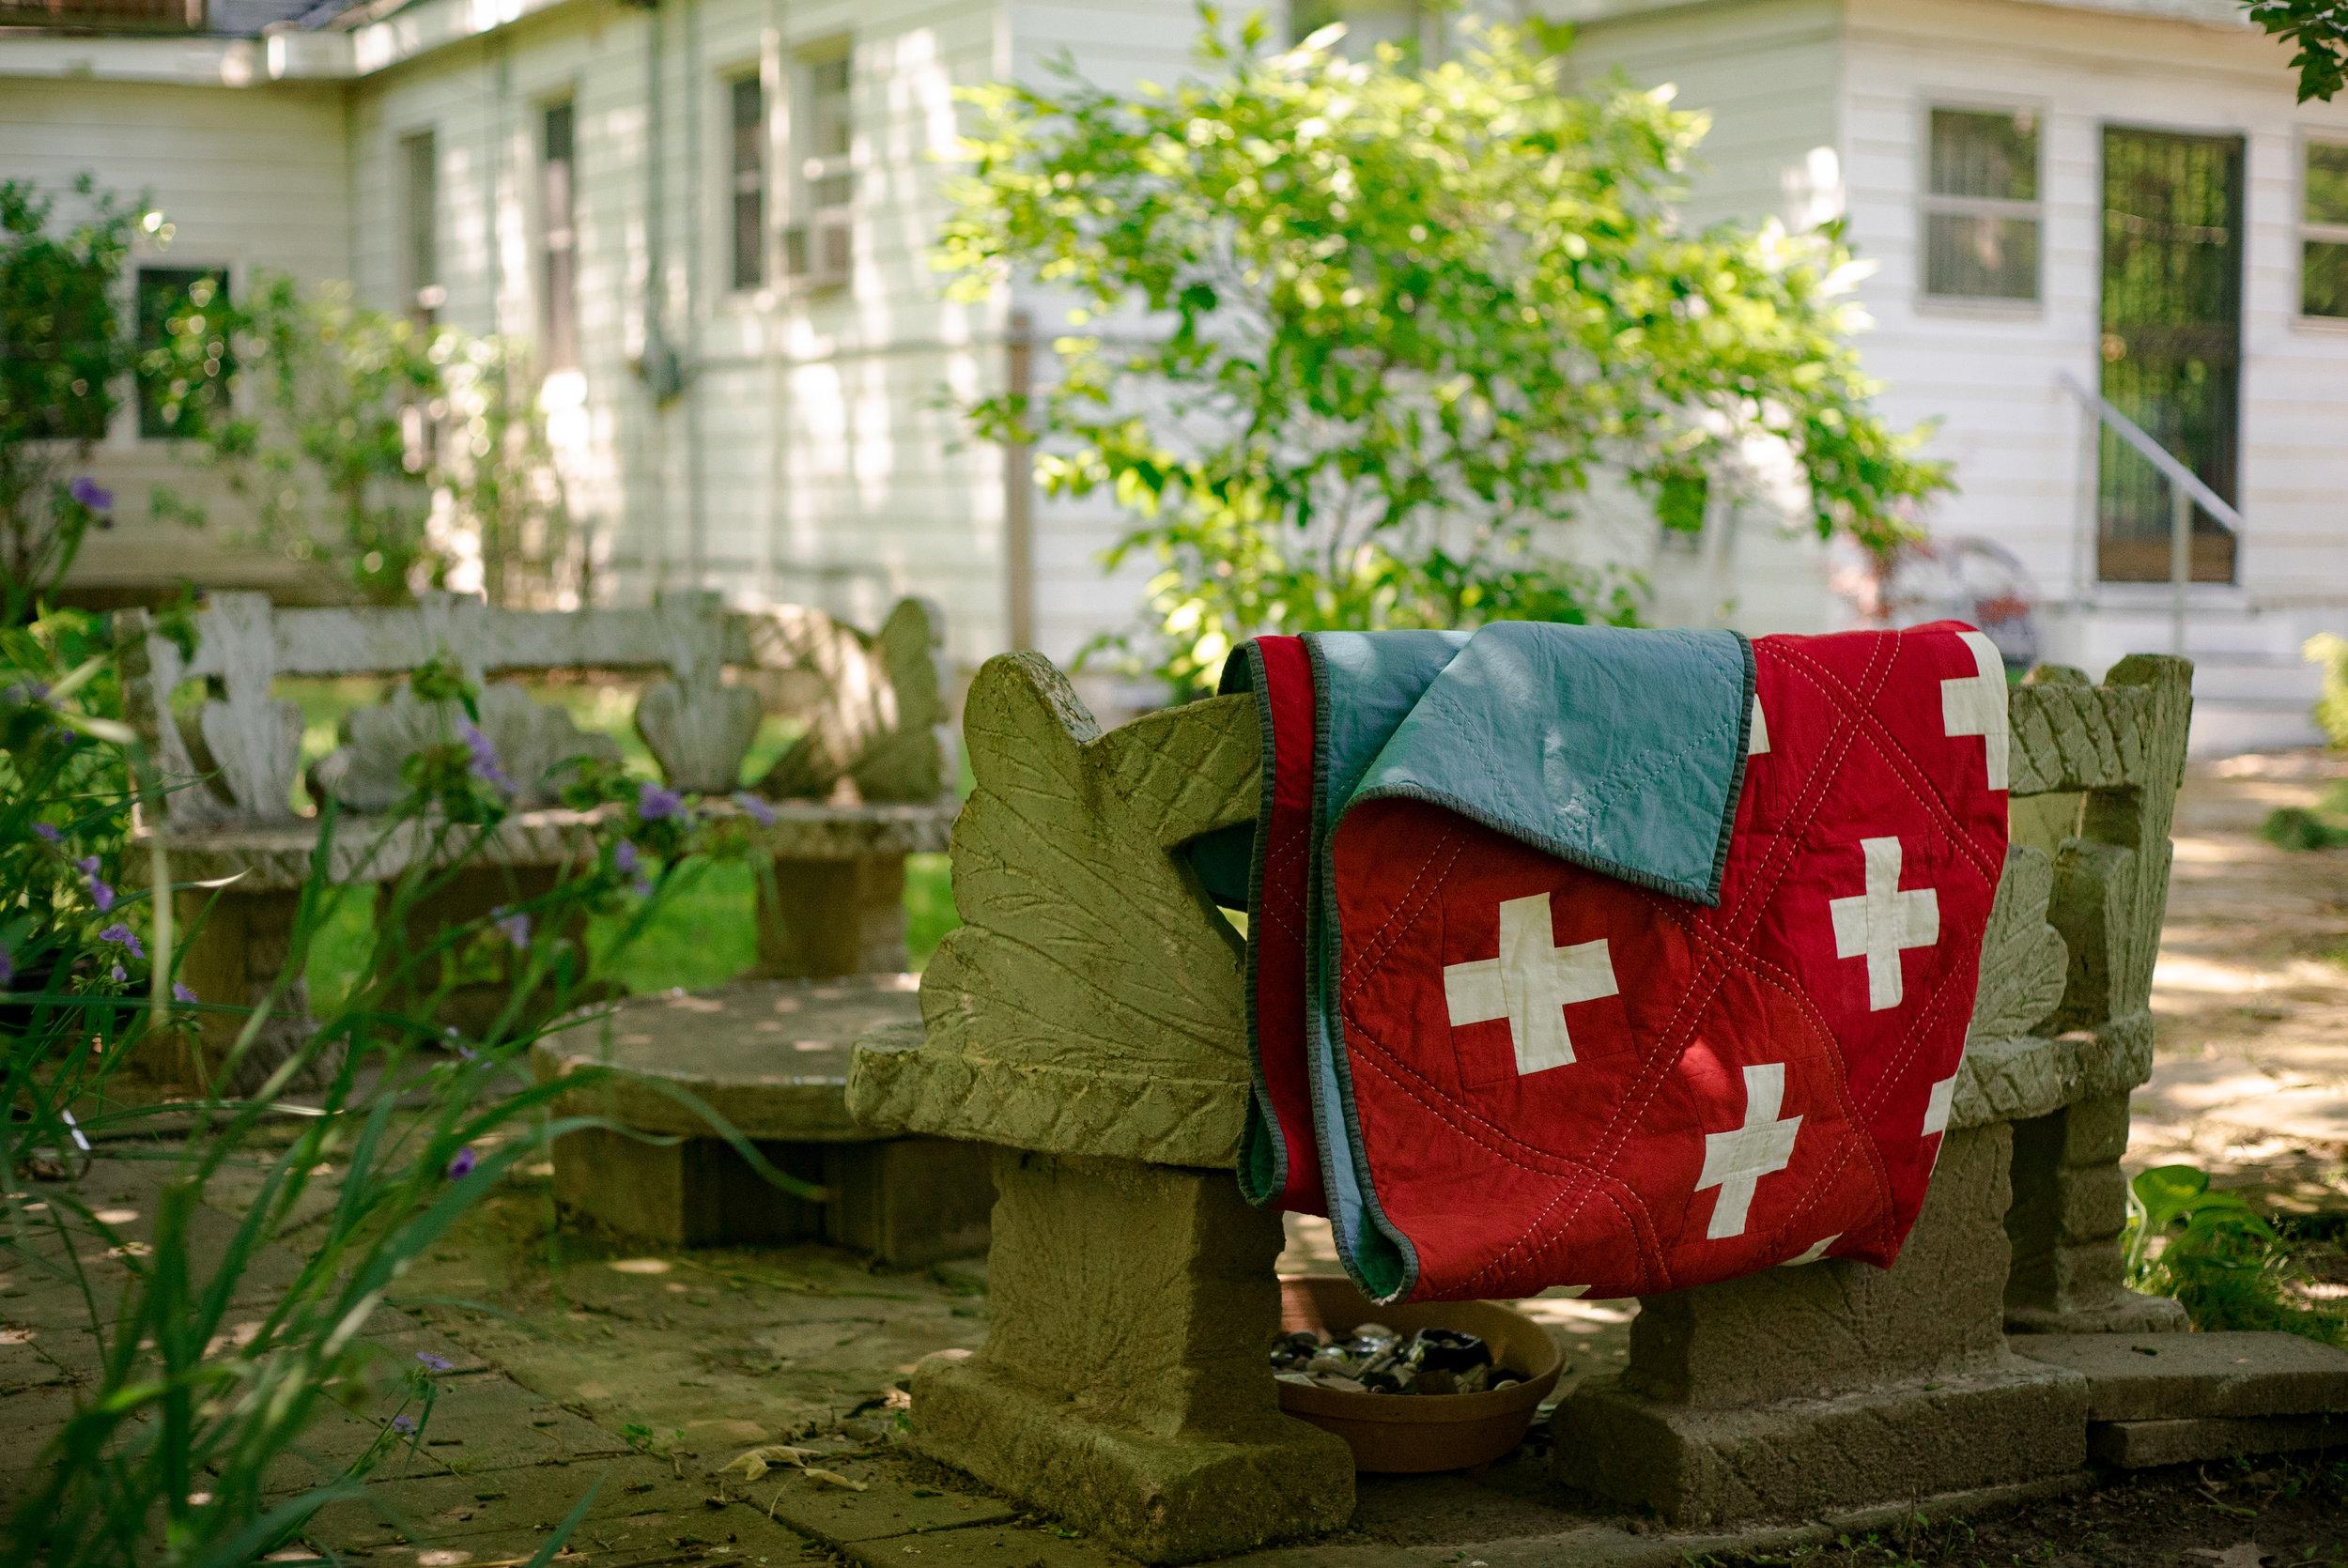 jessie-quilts-9306.jpg